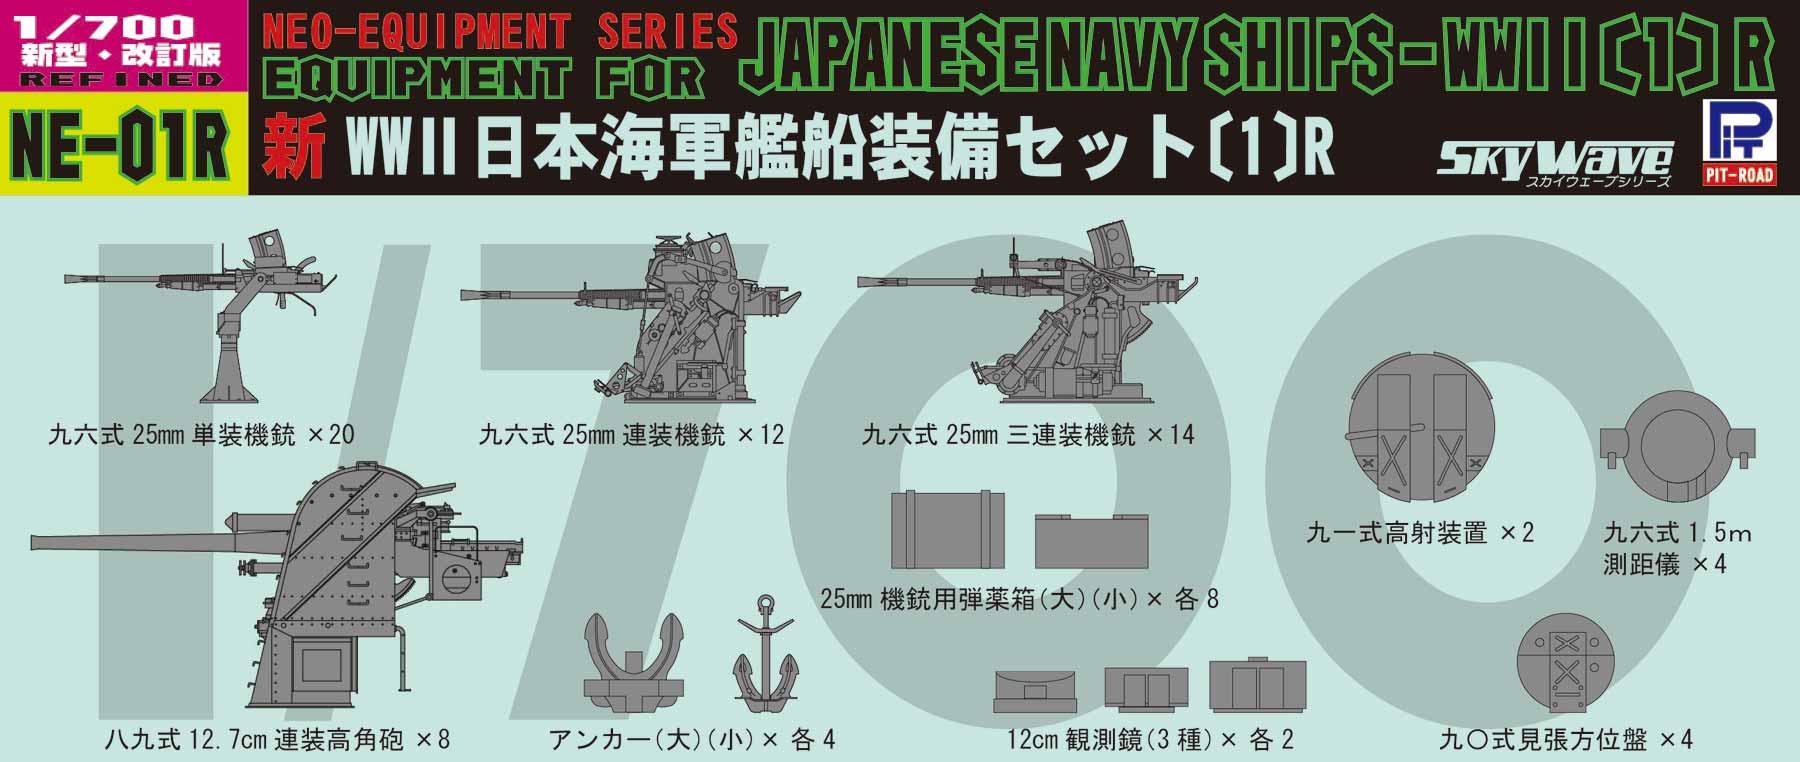 本体価格:2,000円 JANコード:498647001700